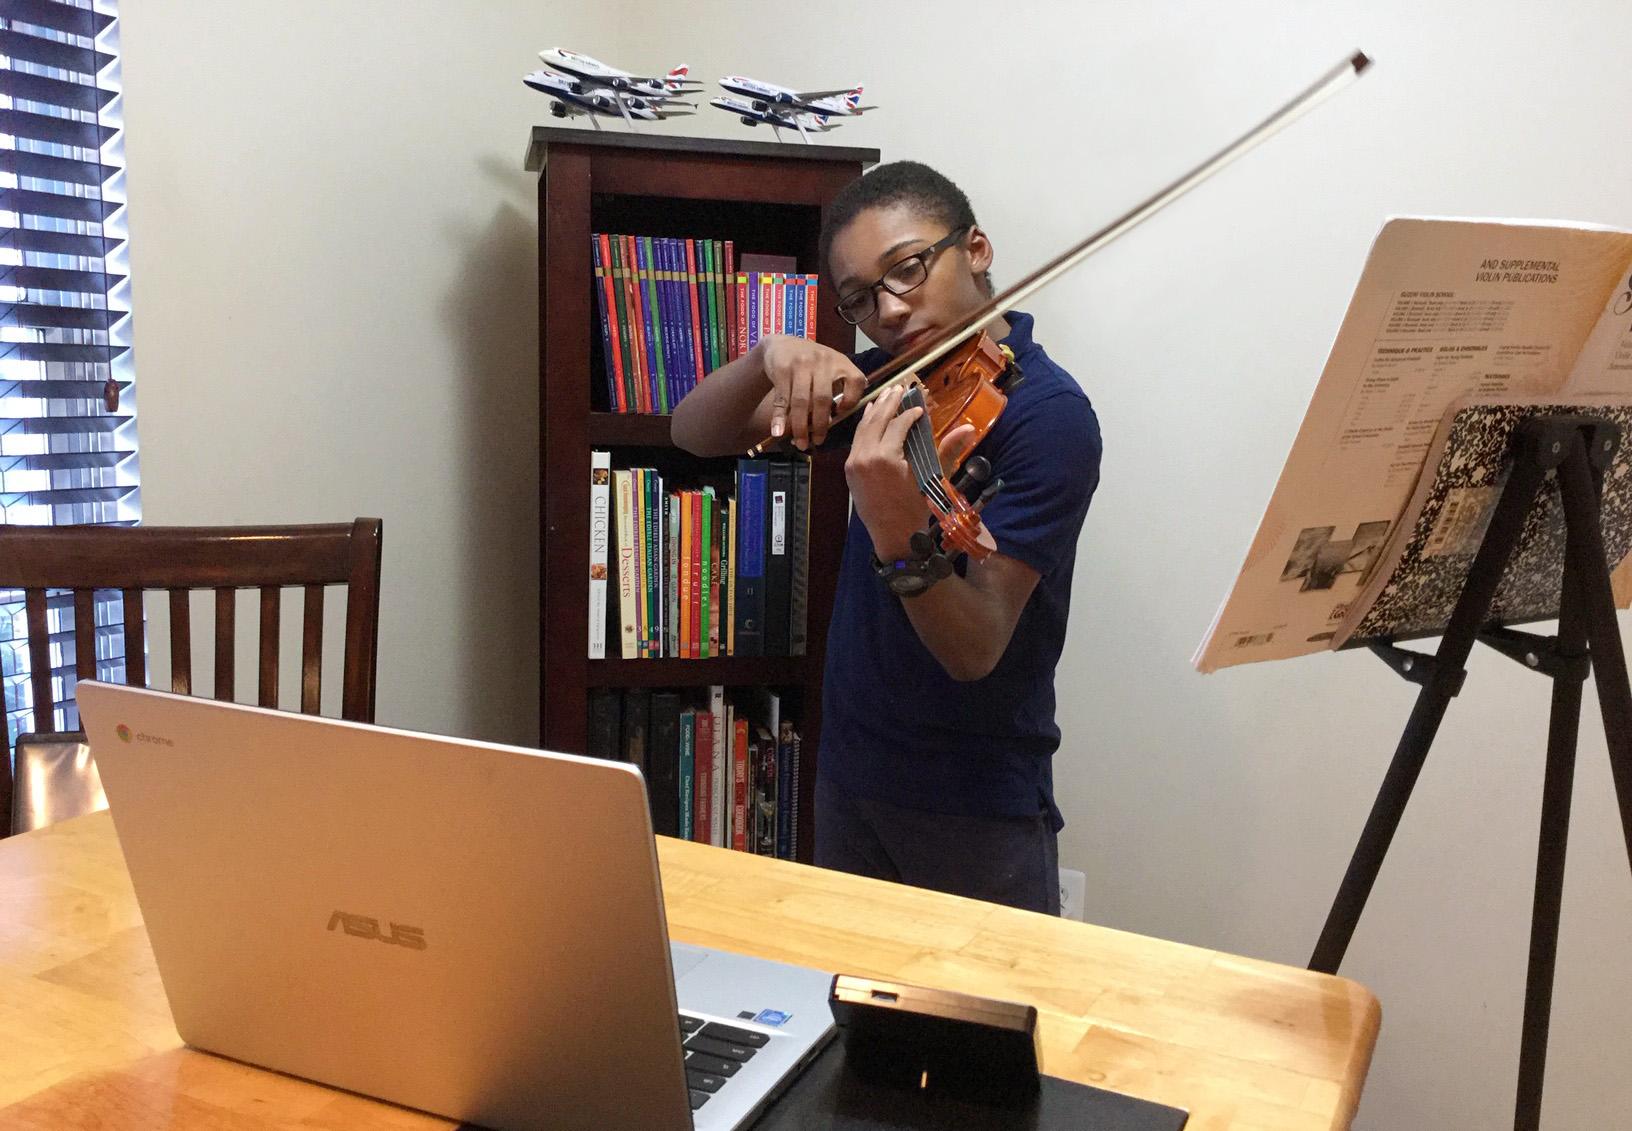 Student taking a remote violin lesson